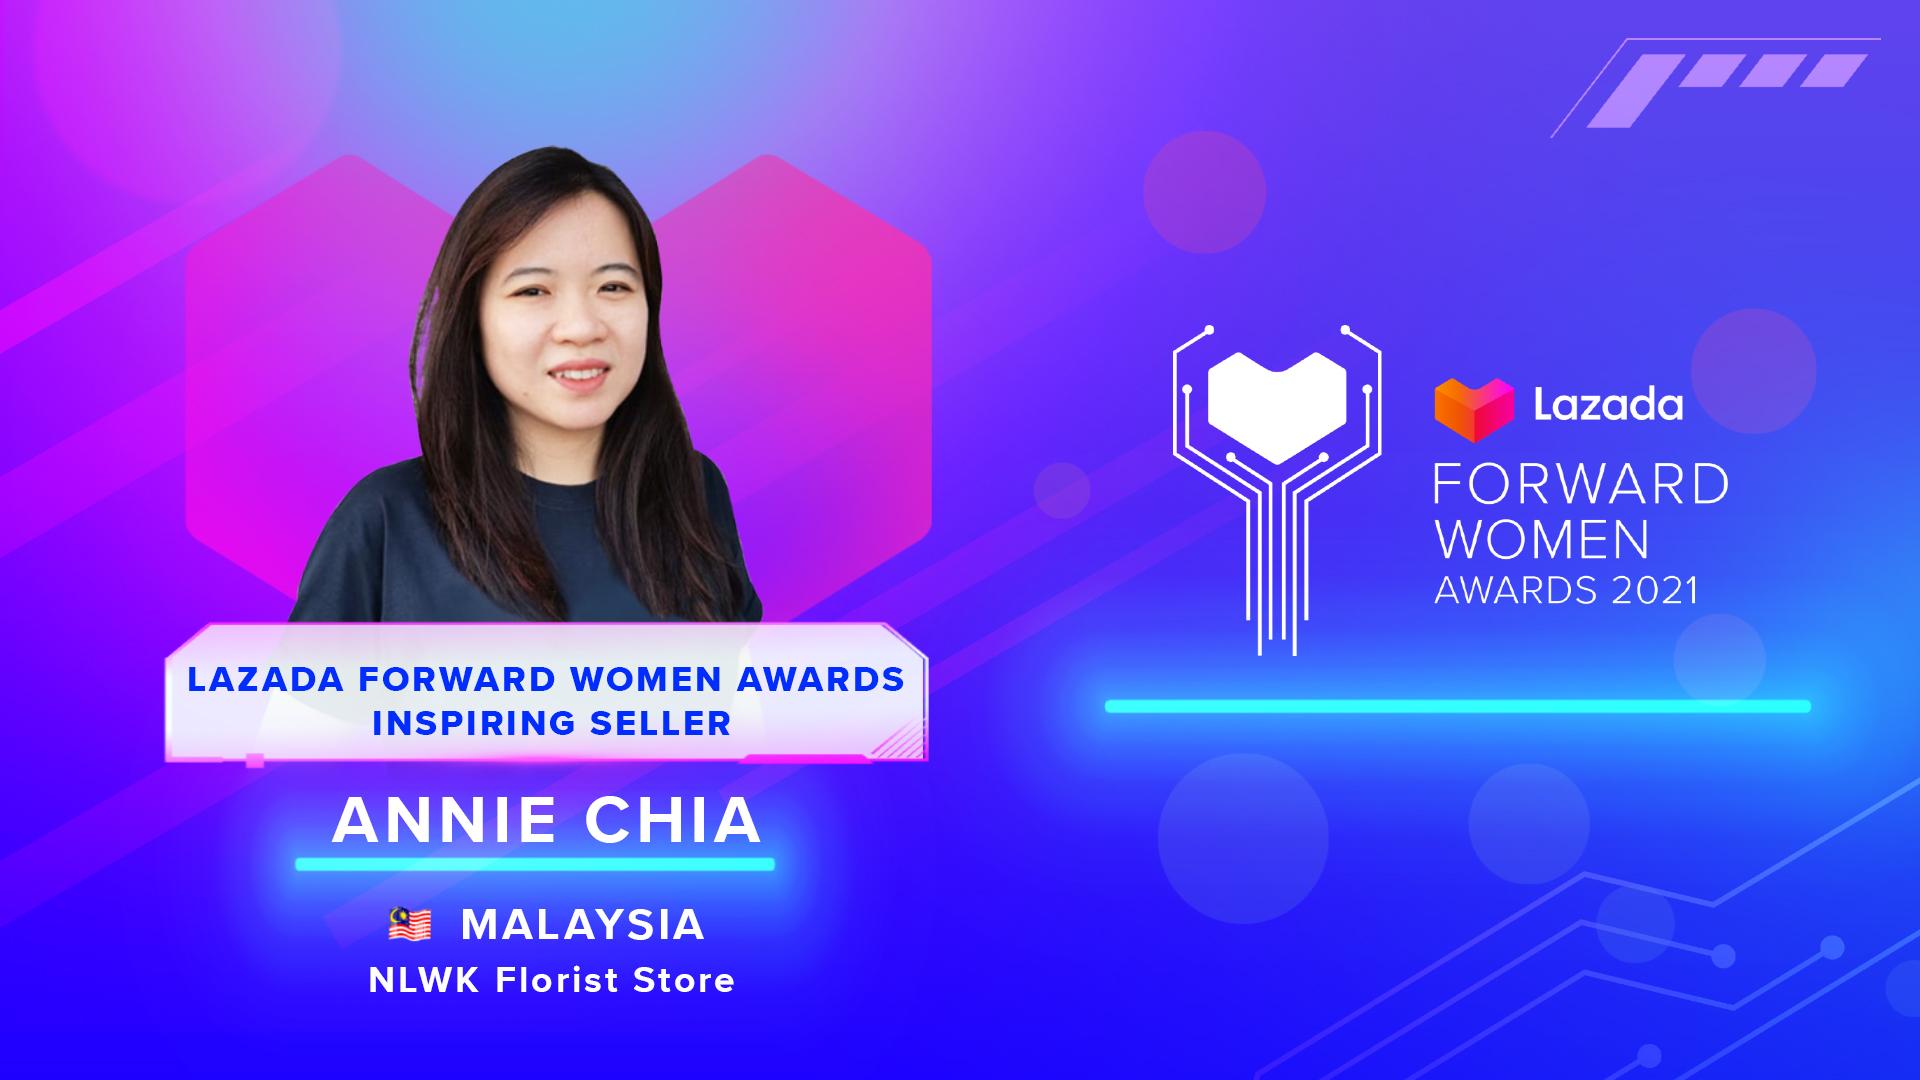 Anne - Chia - Lazada Forward Women Awards